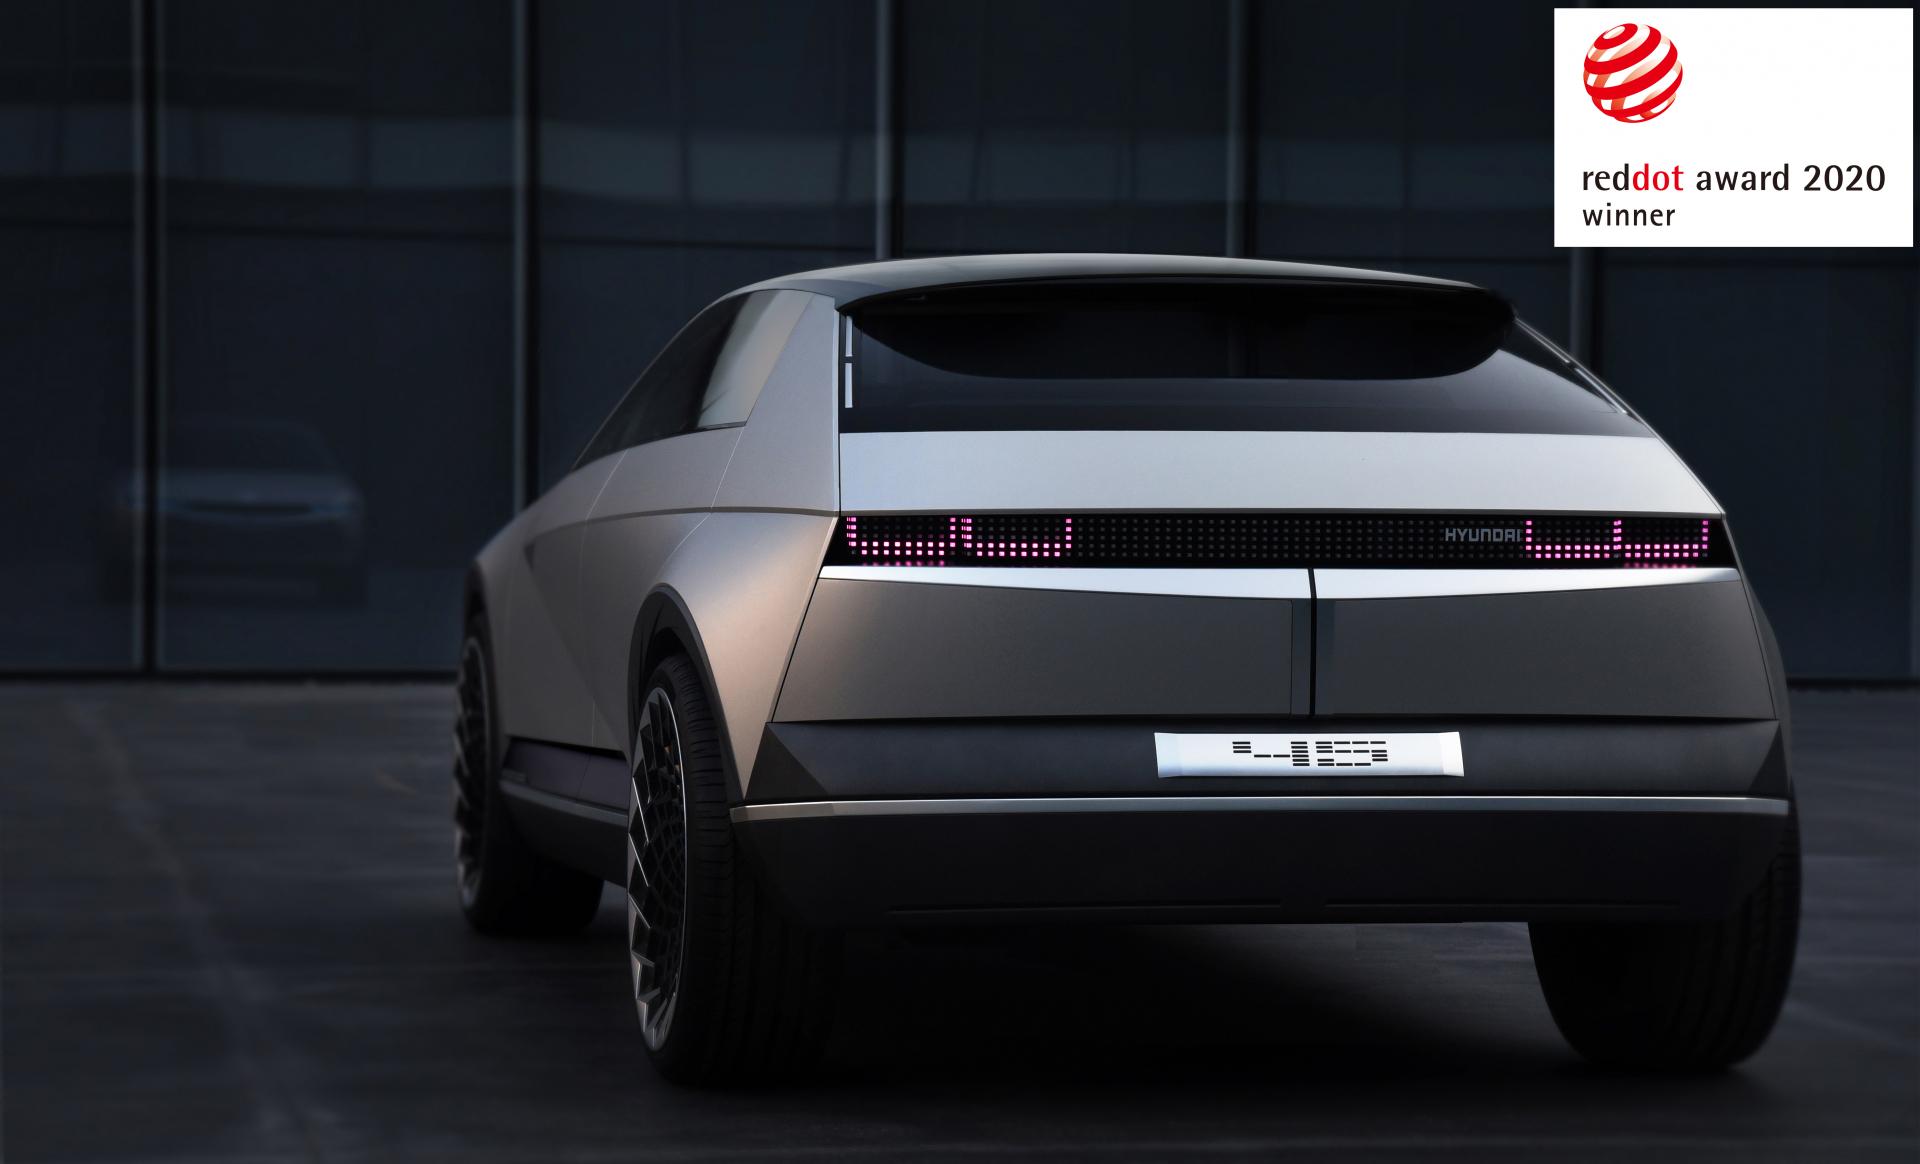 Компанія Hyundai Motor отримала три нагороди Red Dot Award 2020 за концептуальний дизайн   Автотрейдінг-Одесса ДП - фото 10